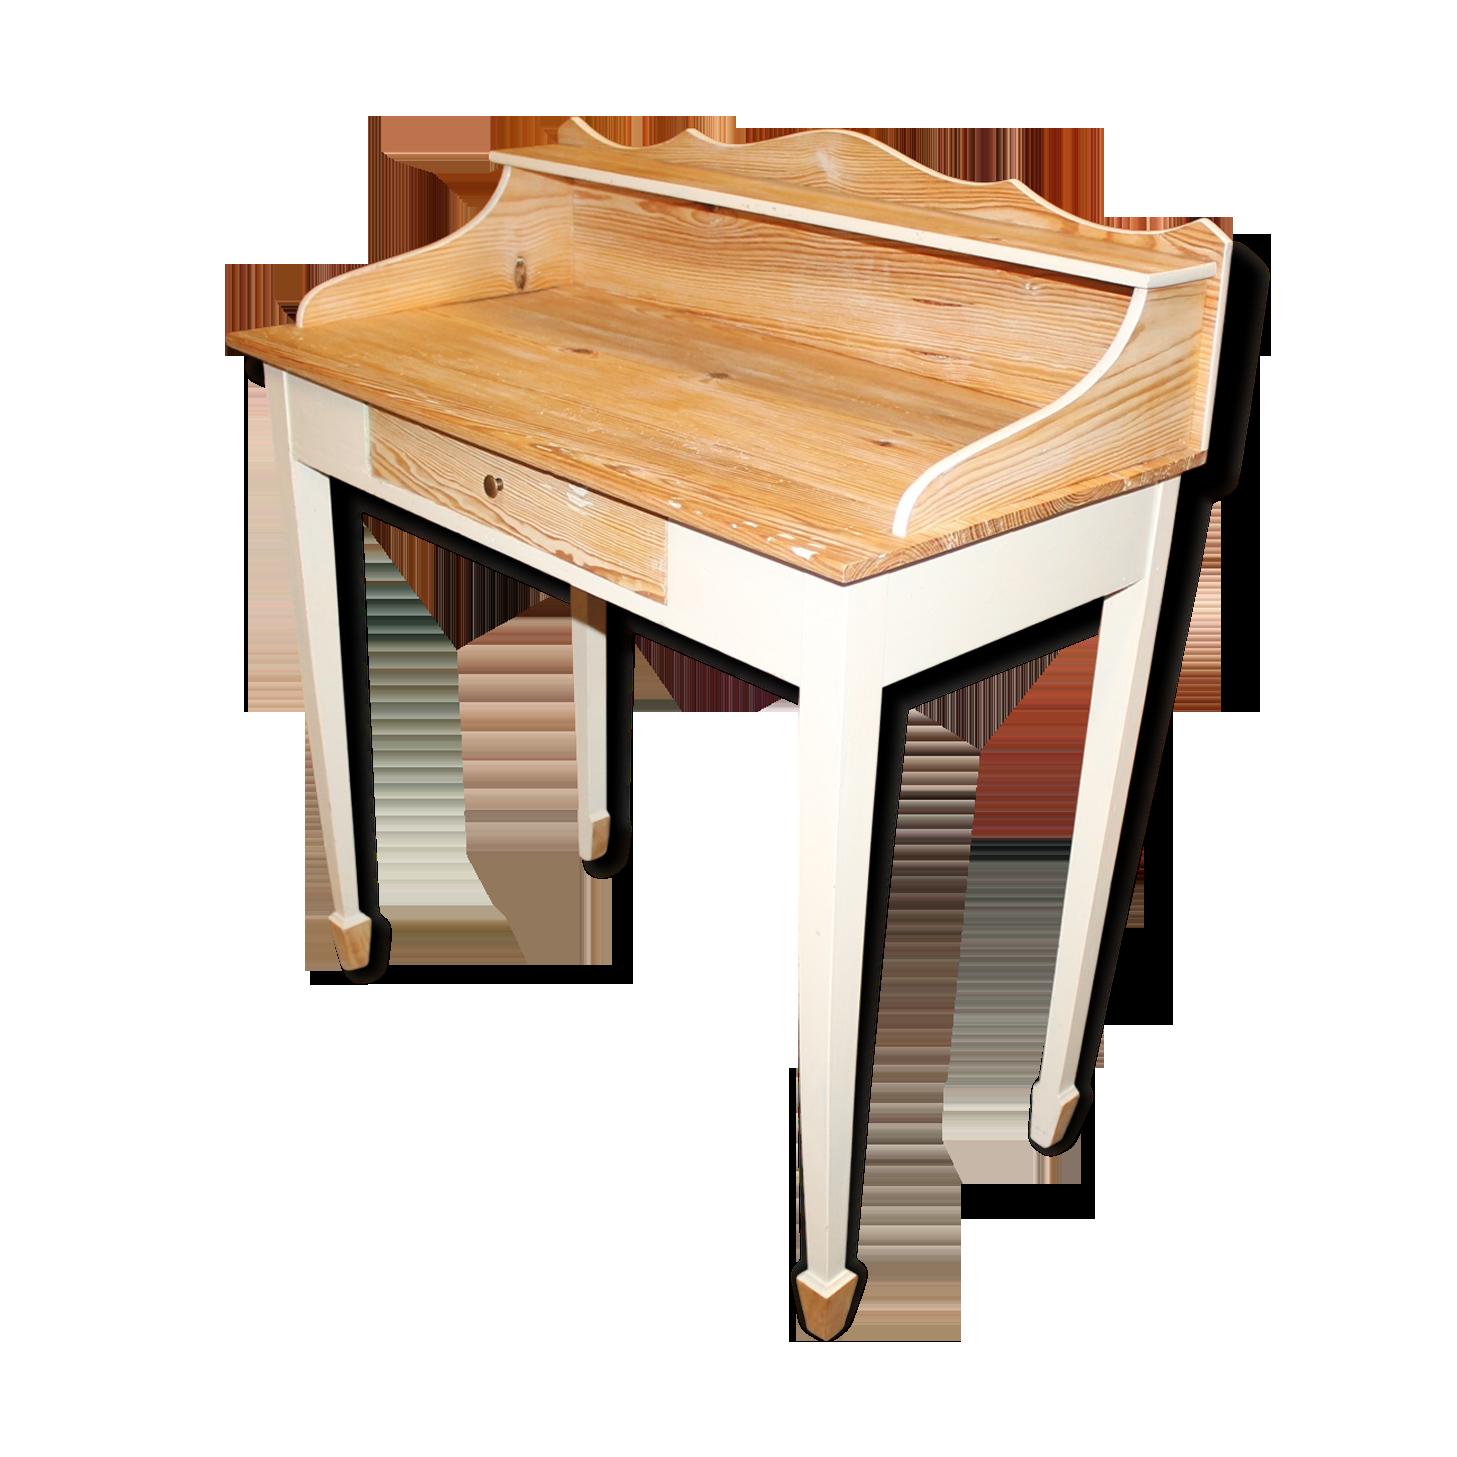 Bureau rustique patiné bois matériau blanc classique kidhyy